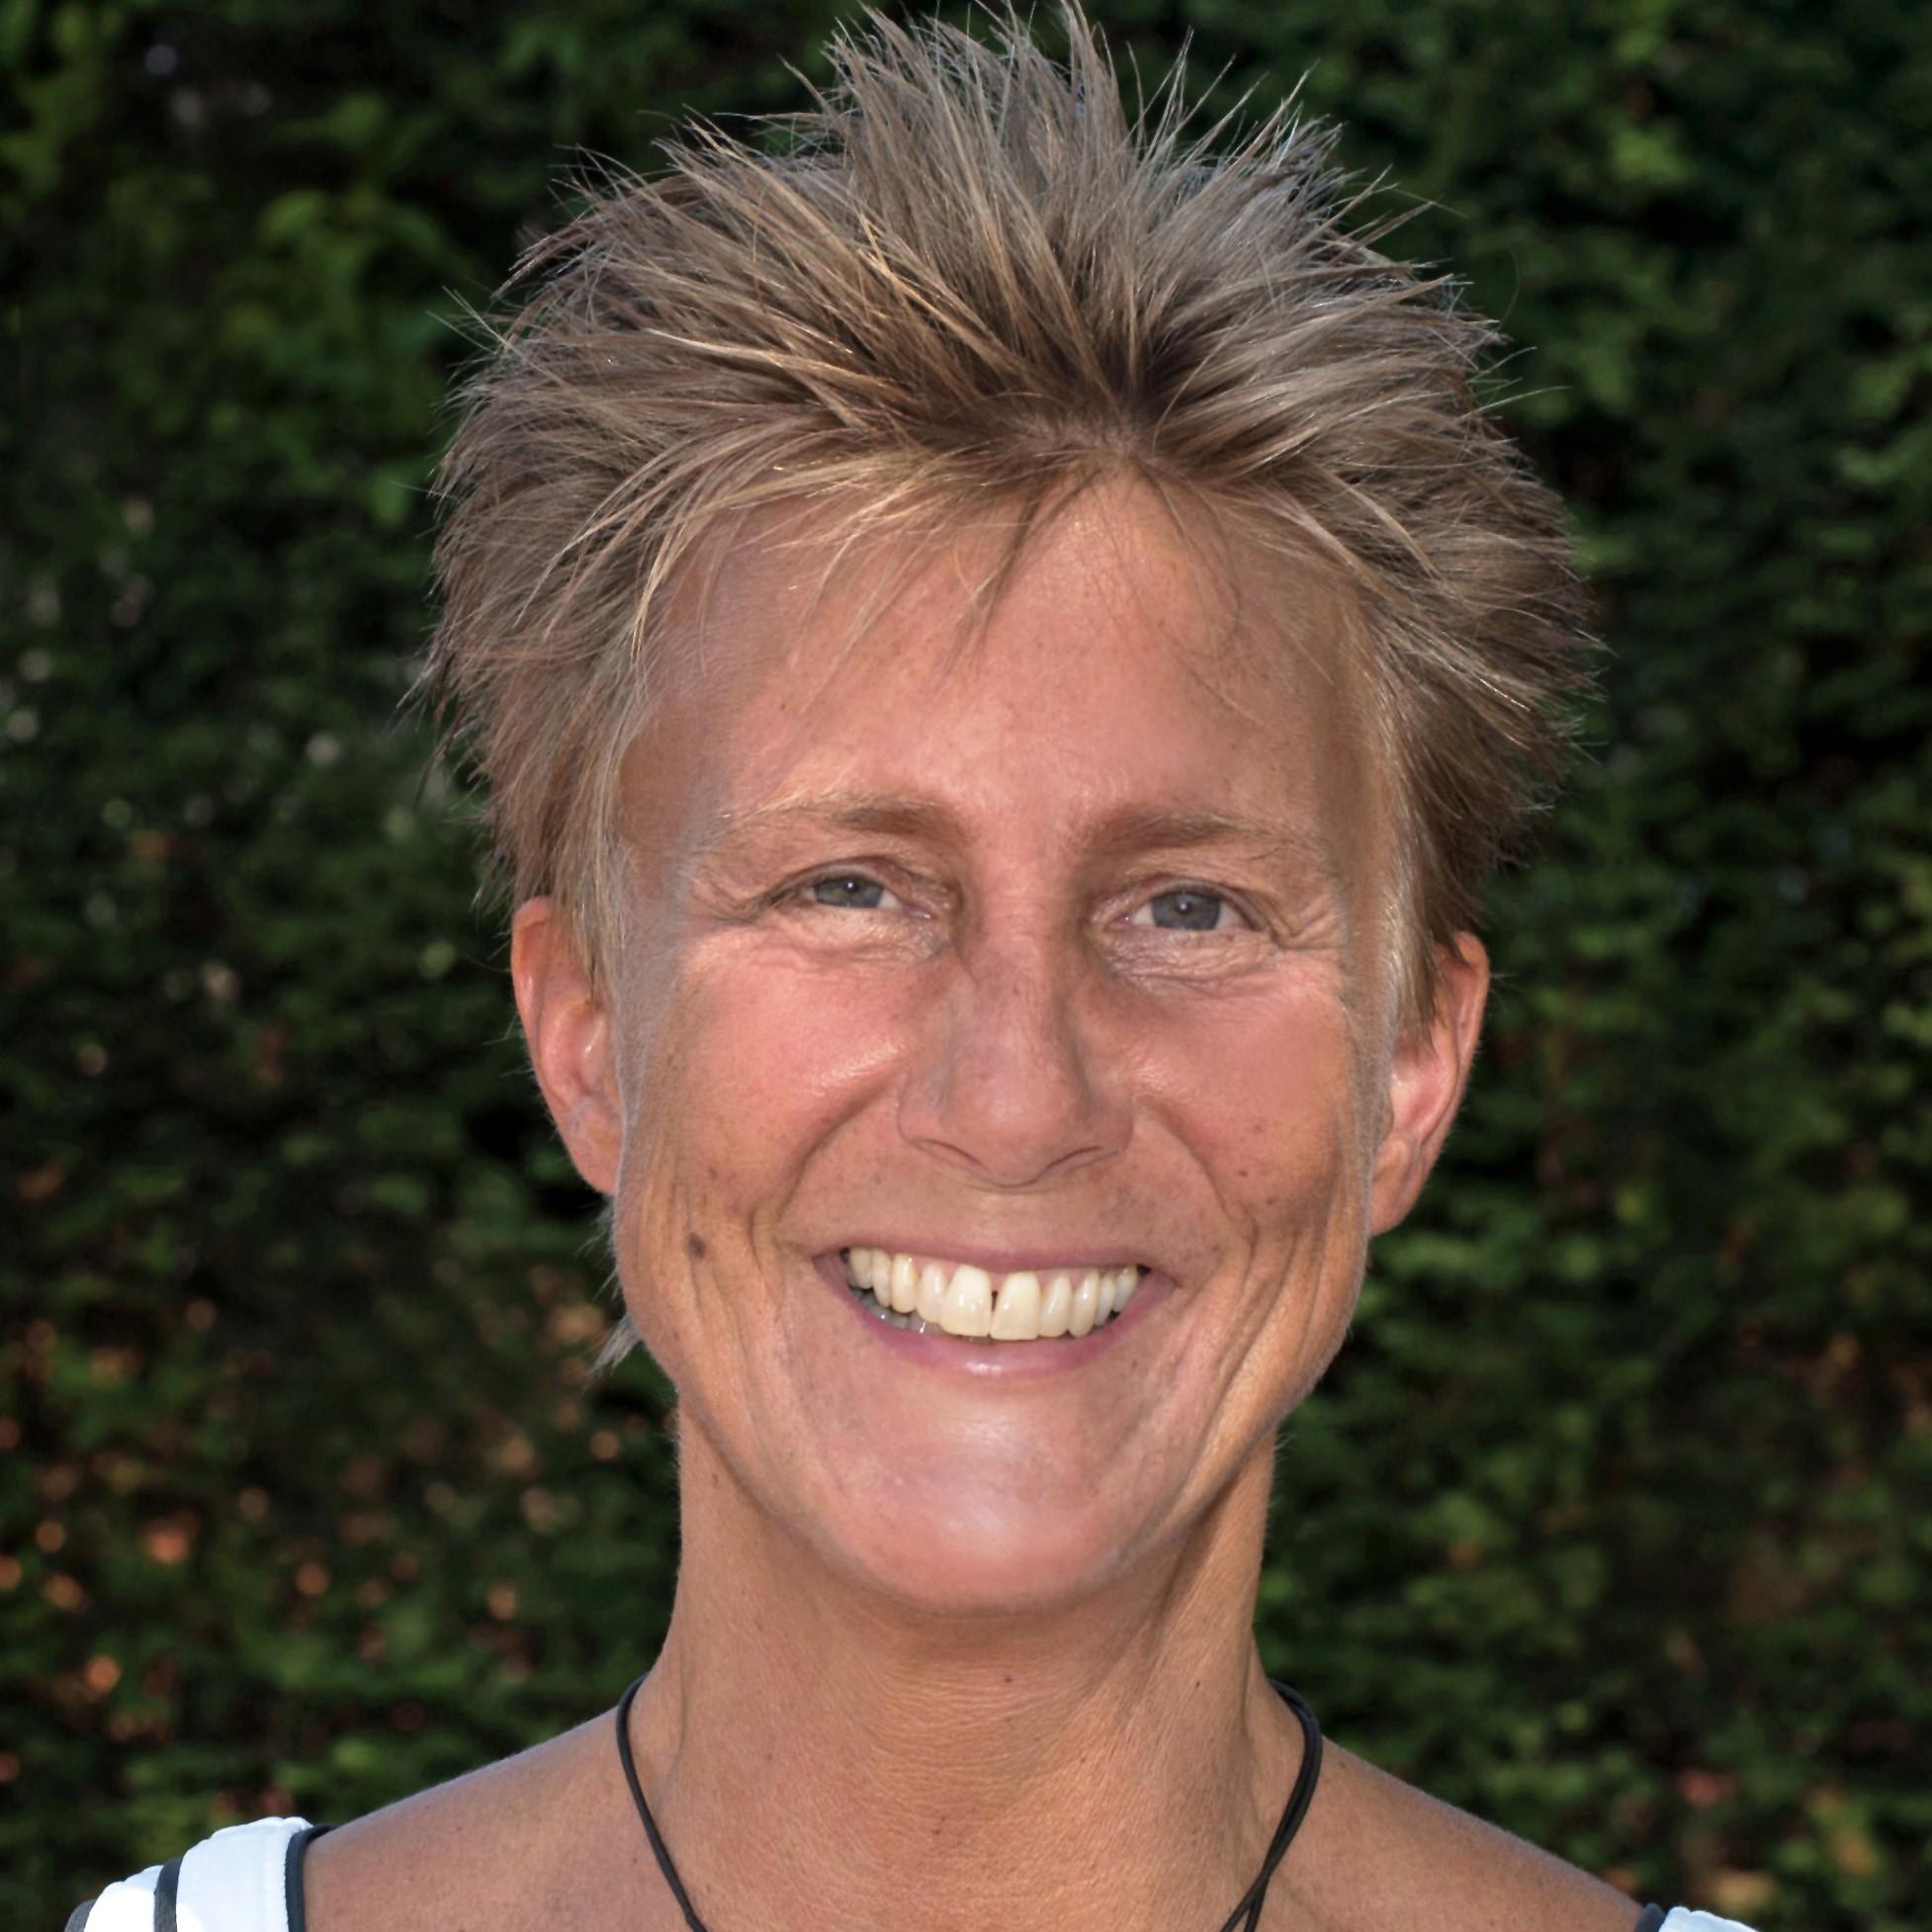 Silke Reimann